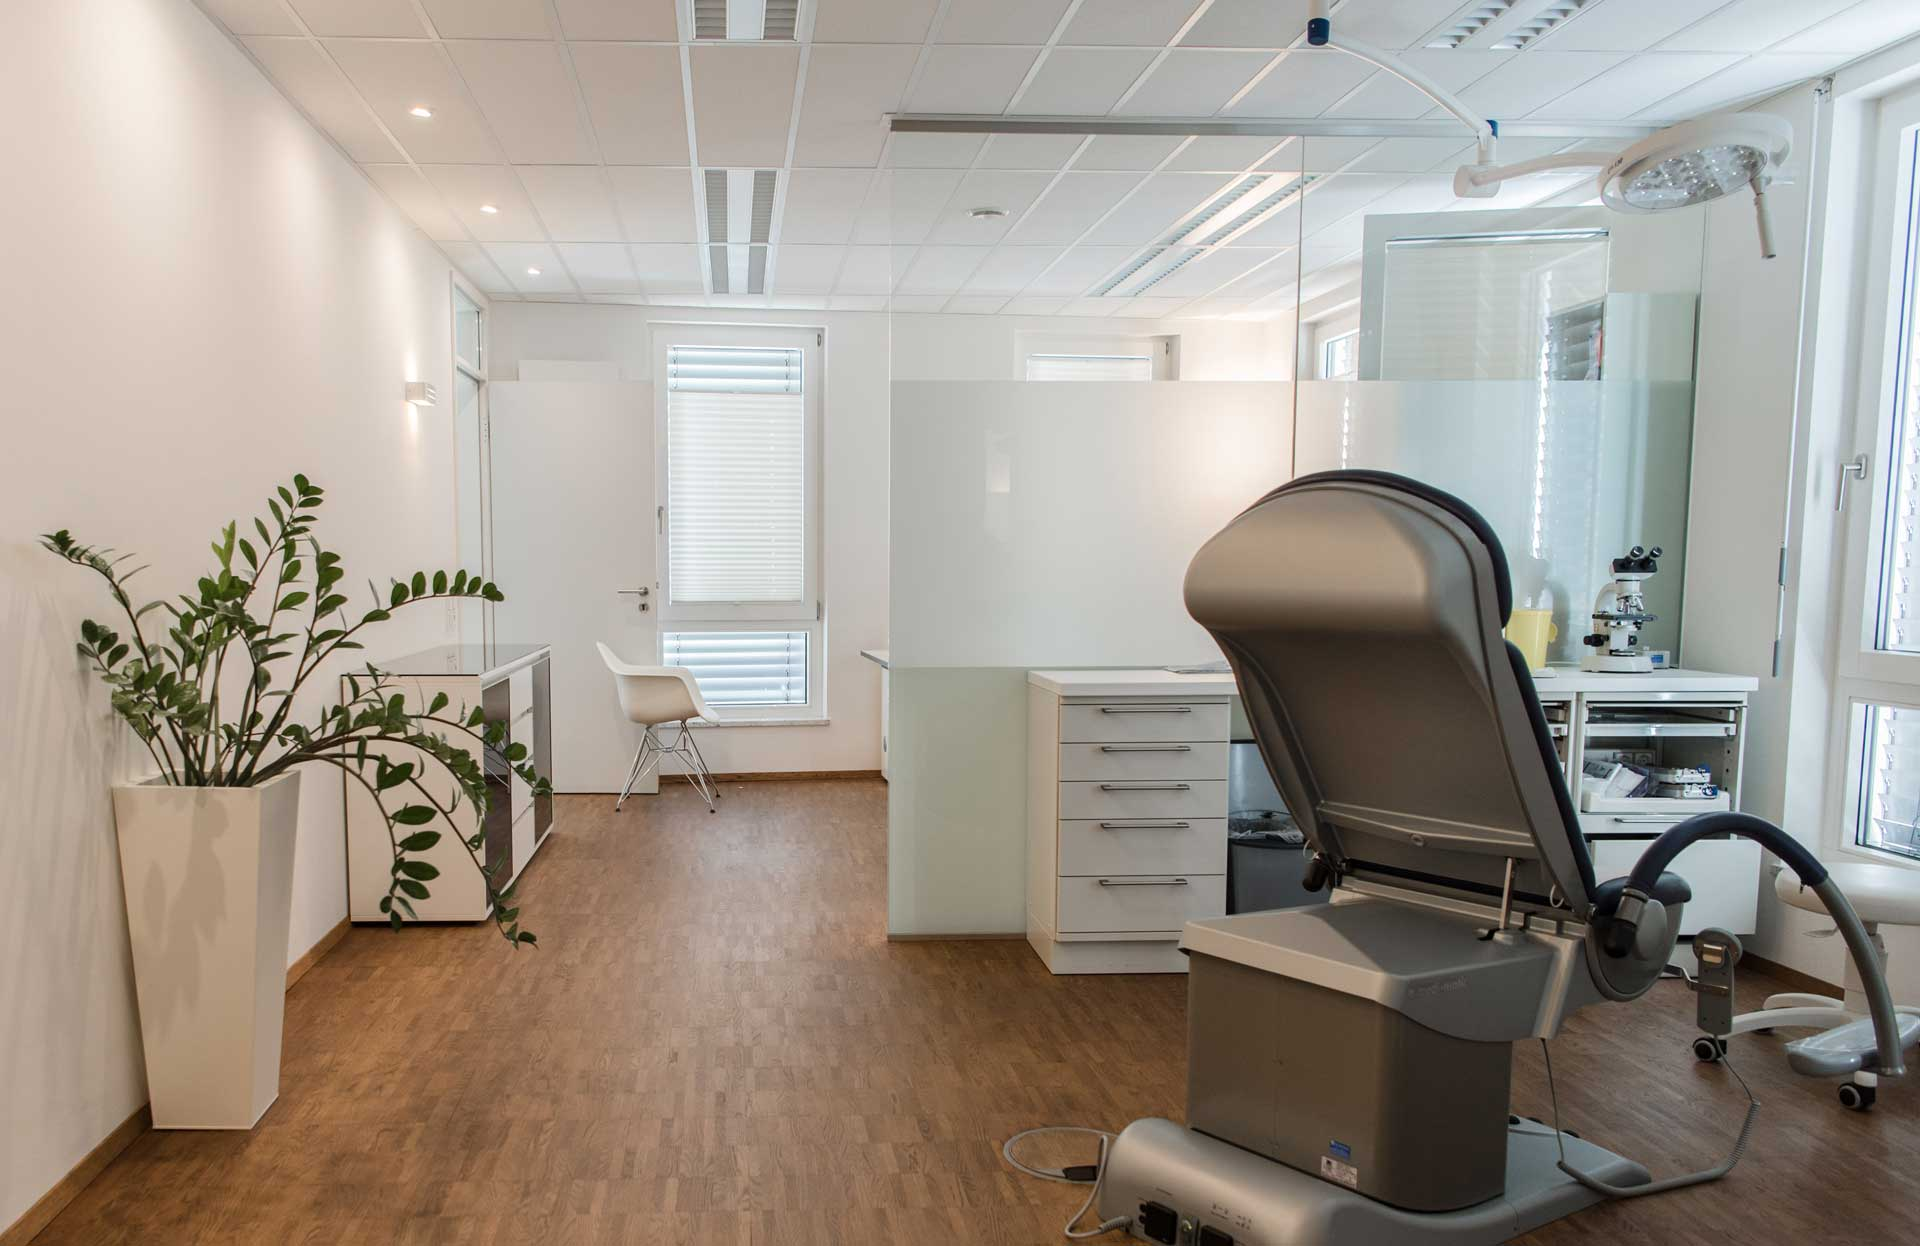 Praxis Dr. Frommlet mit Behandlungsstuhl und Schreibtisch